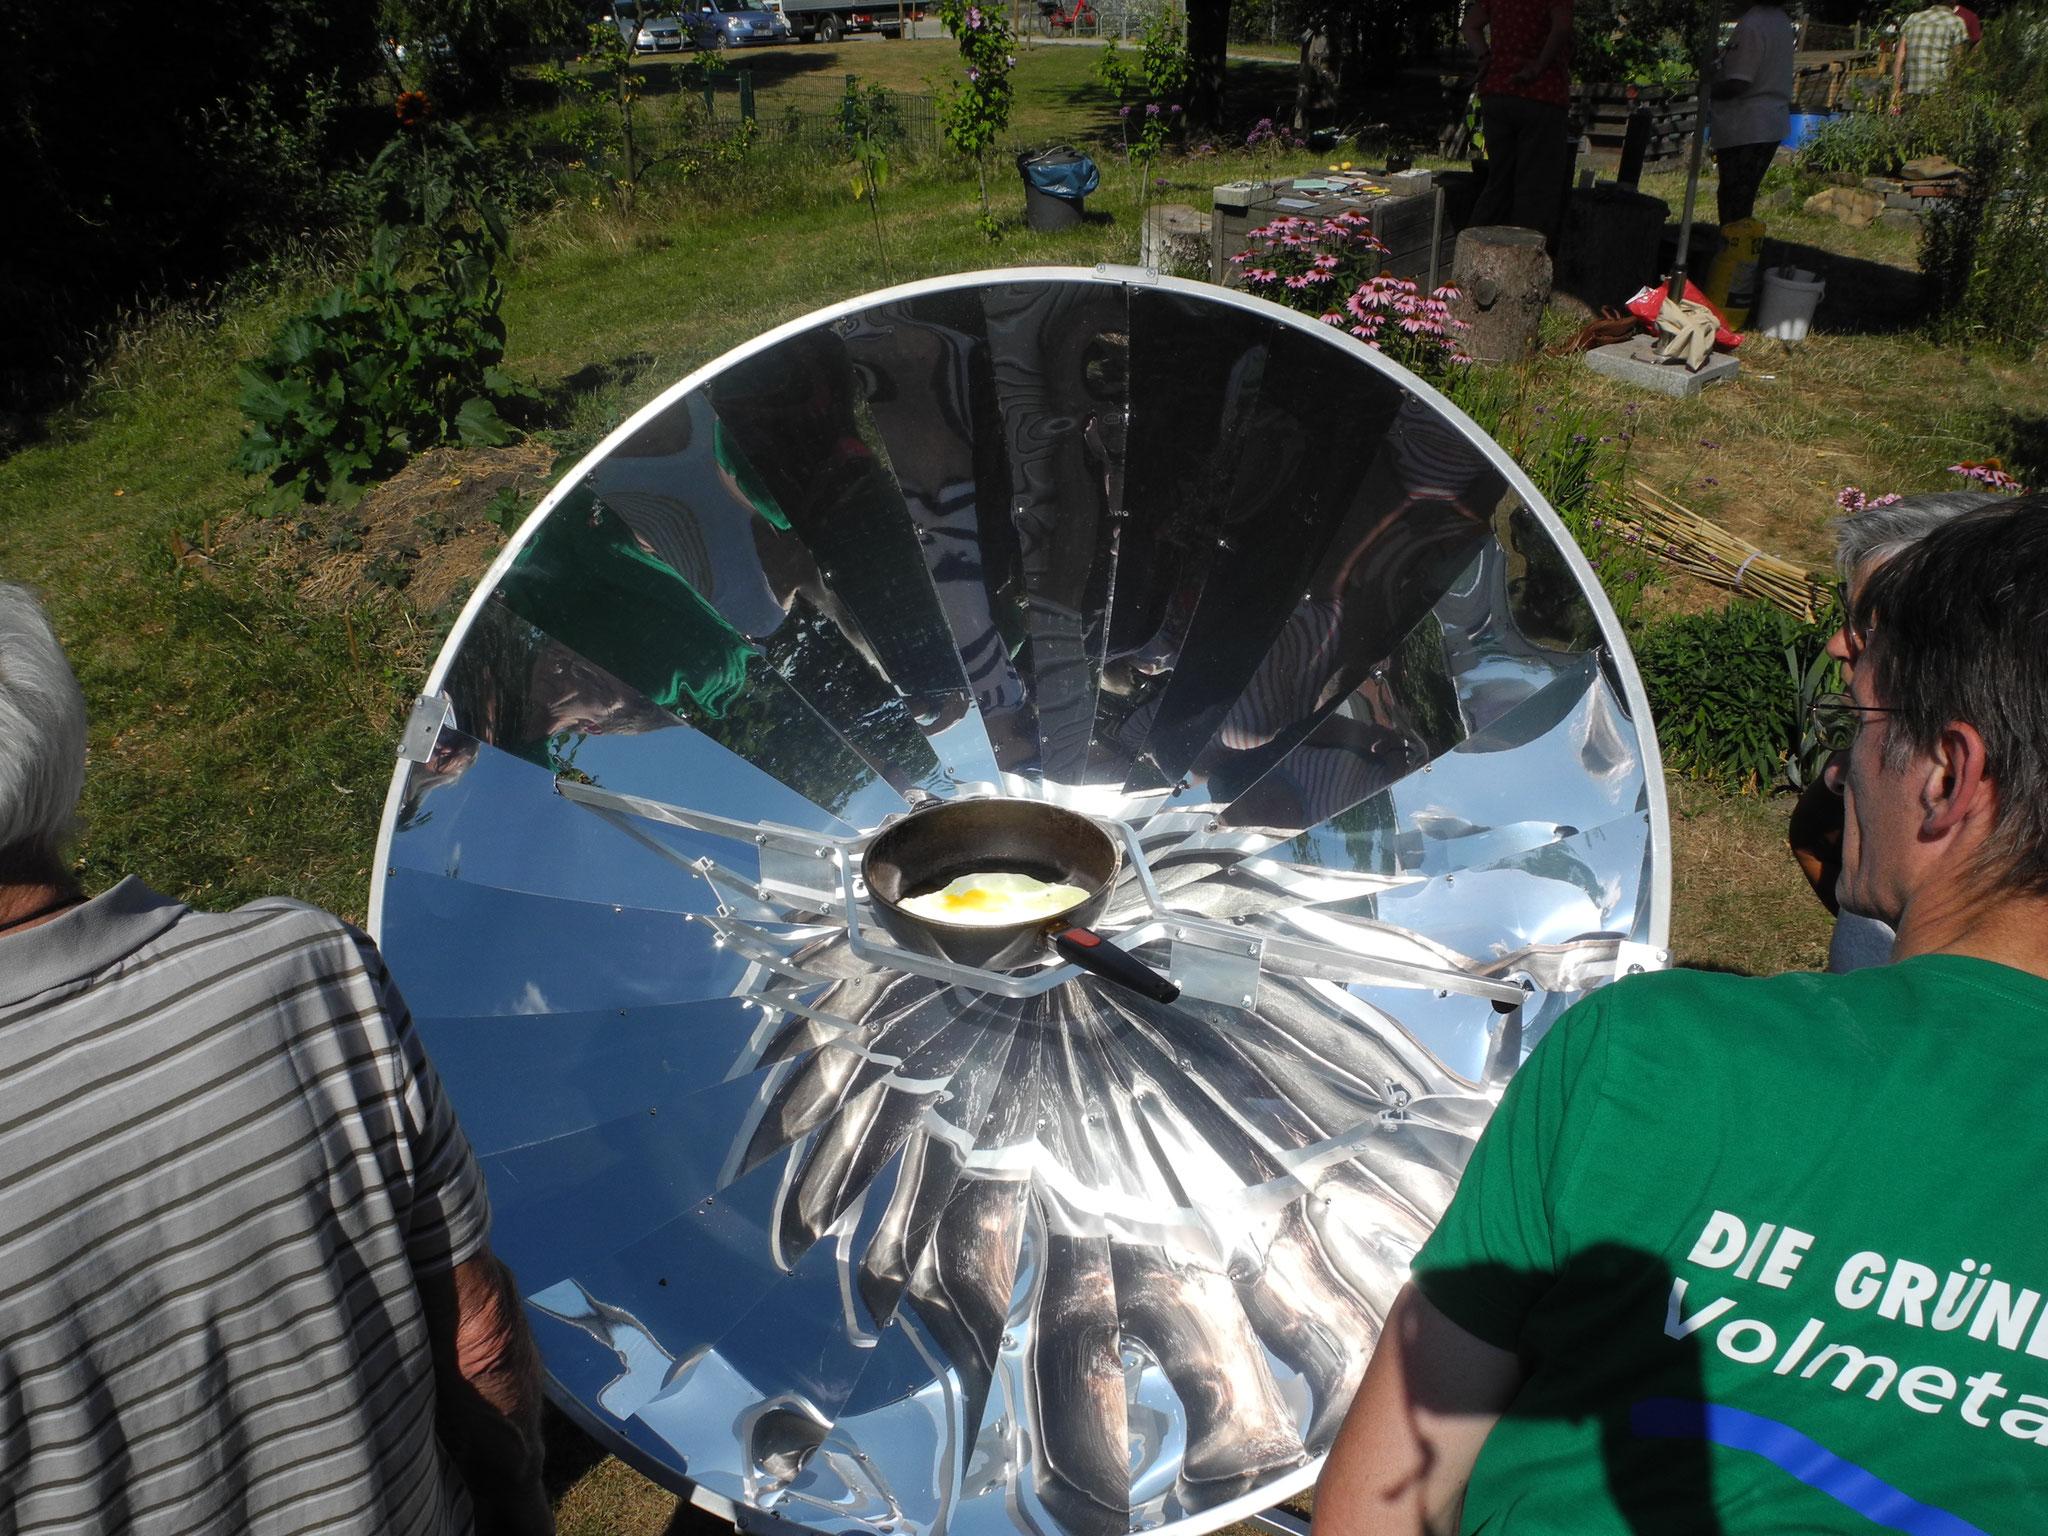 Sommerfest: Solarkocher